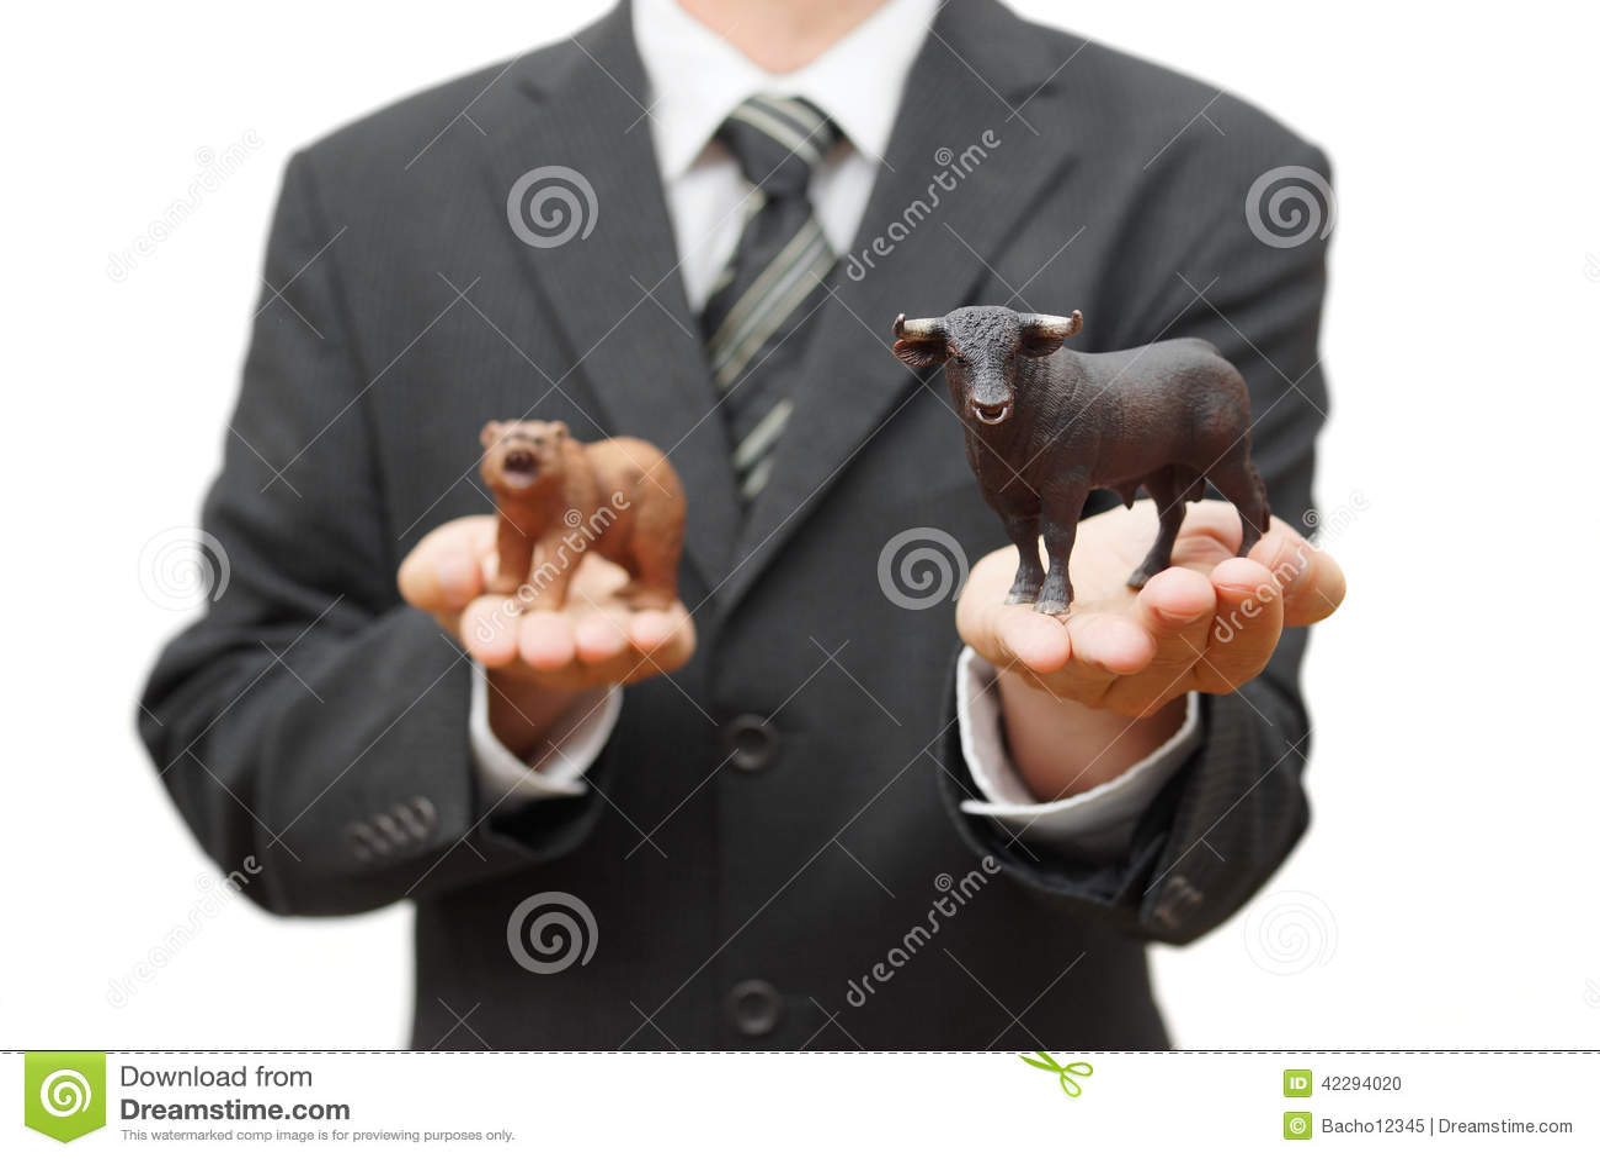 公牛股市的概念 在证券交易所的正面趋向